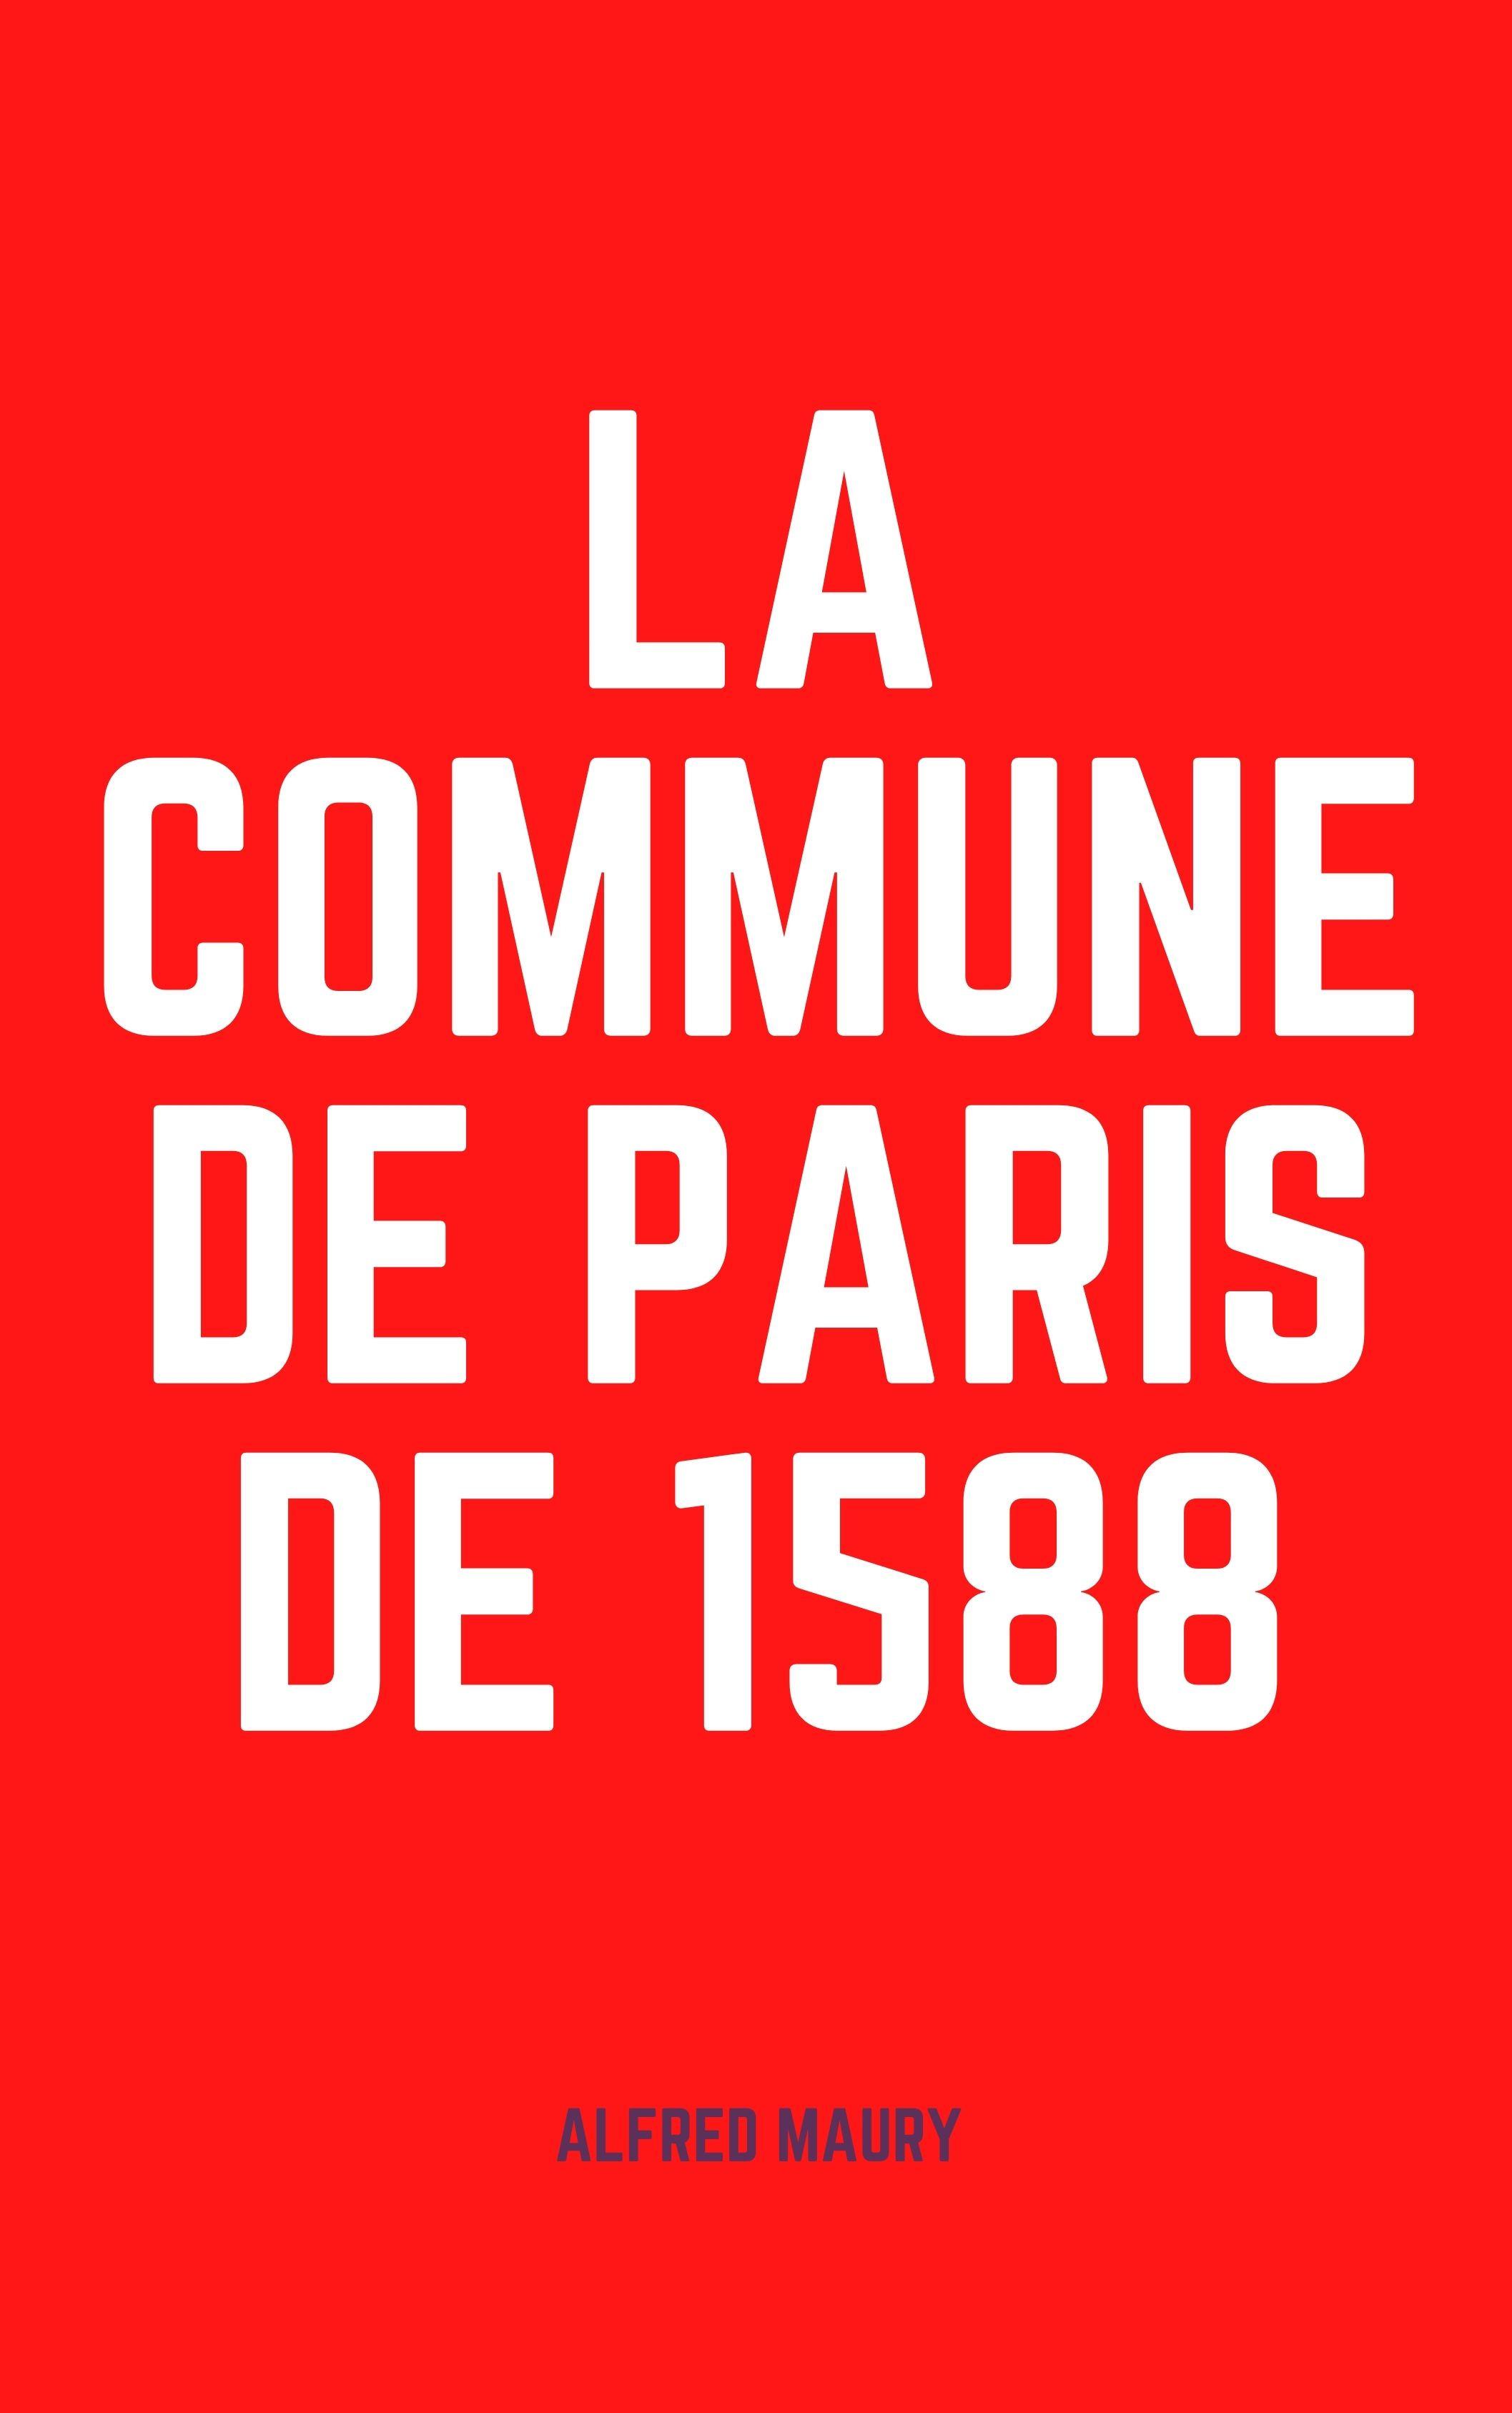 La Commune de Paris de 1588